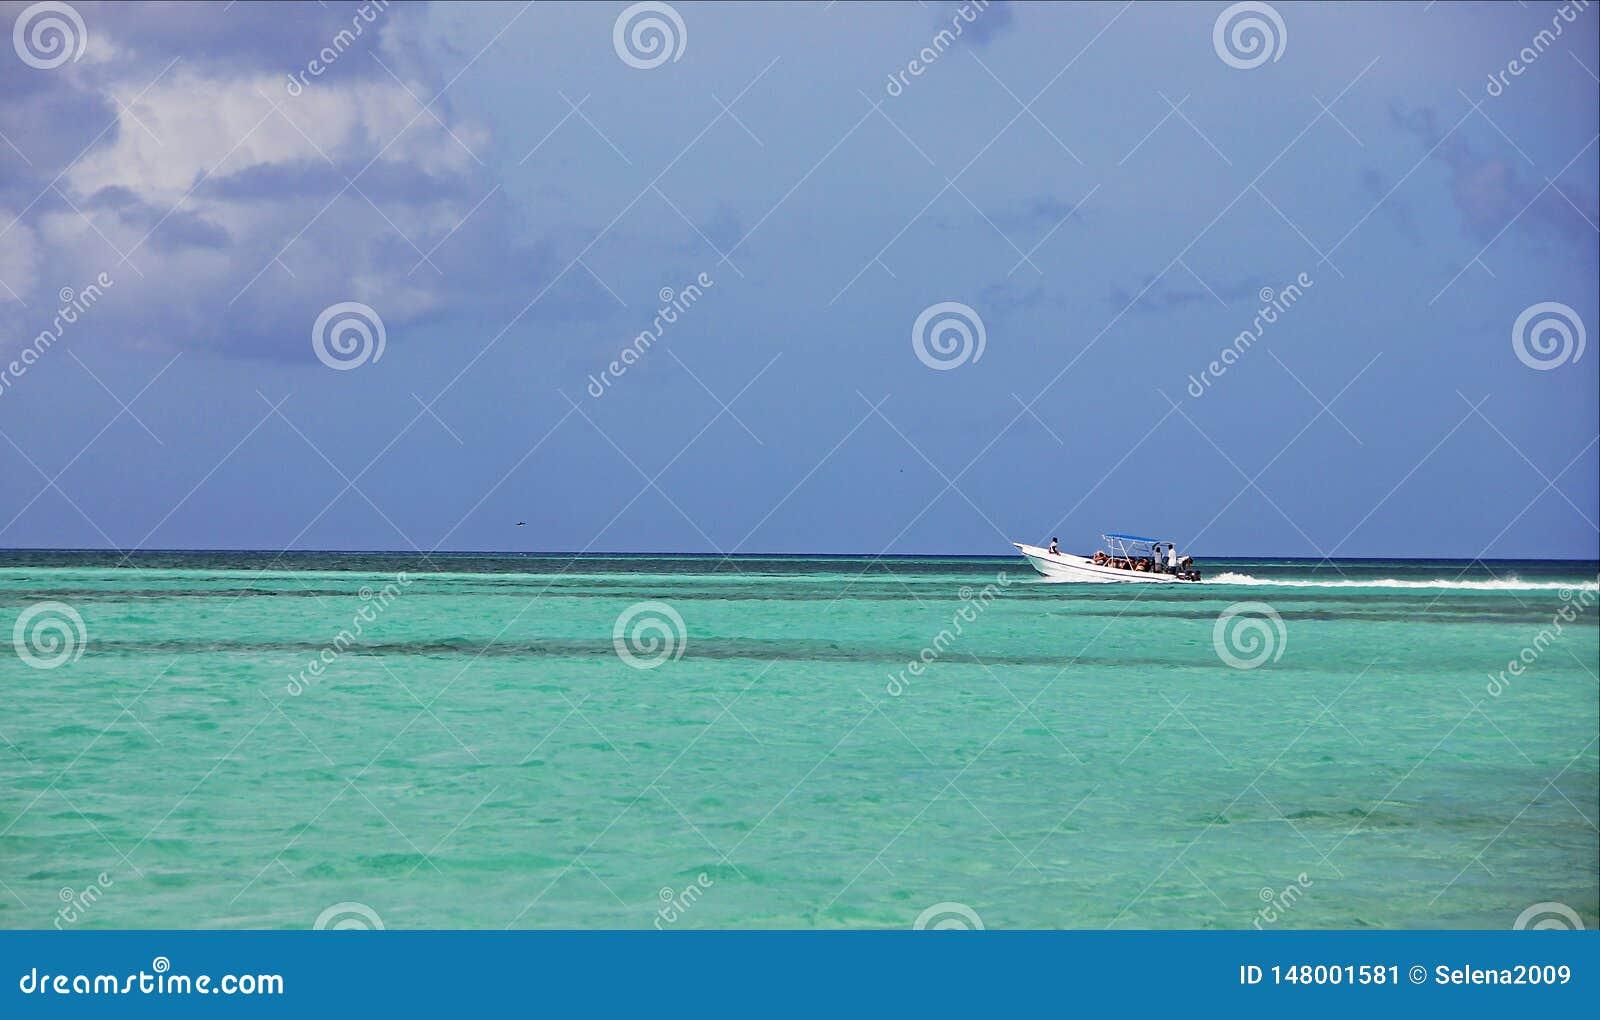 Schnellbootsegeln im schönen tropischen Ozean, gegen den blauen grenzenlosen Himmel